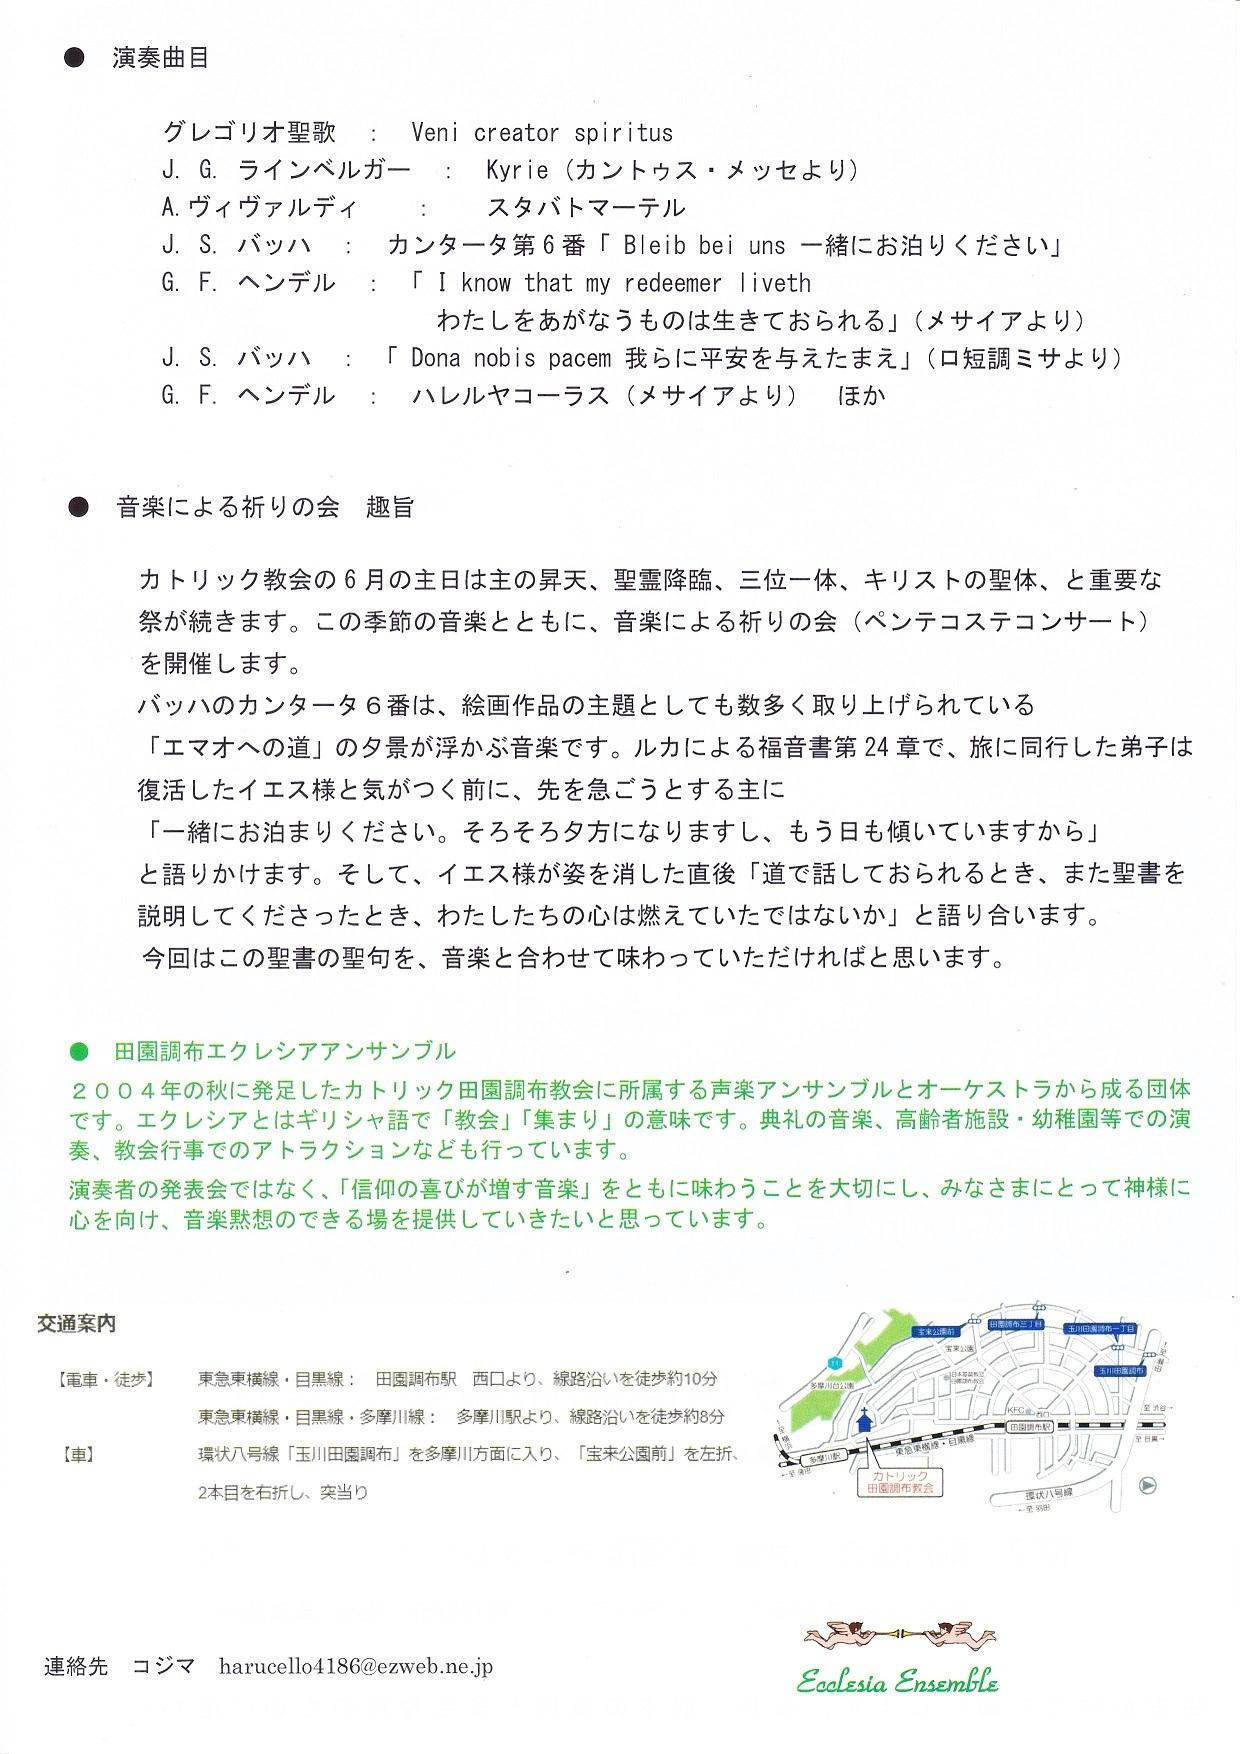 田園調布カトリック教会演奏会_0002 - コピー